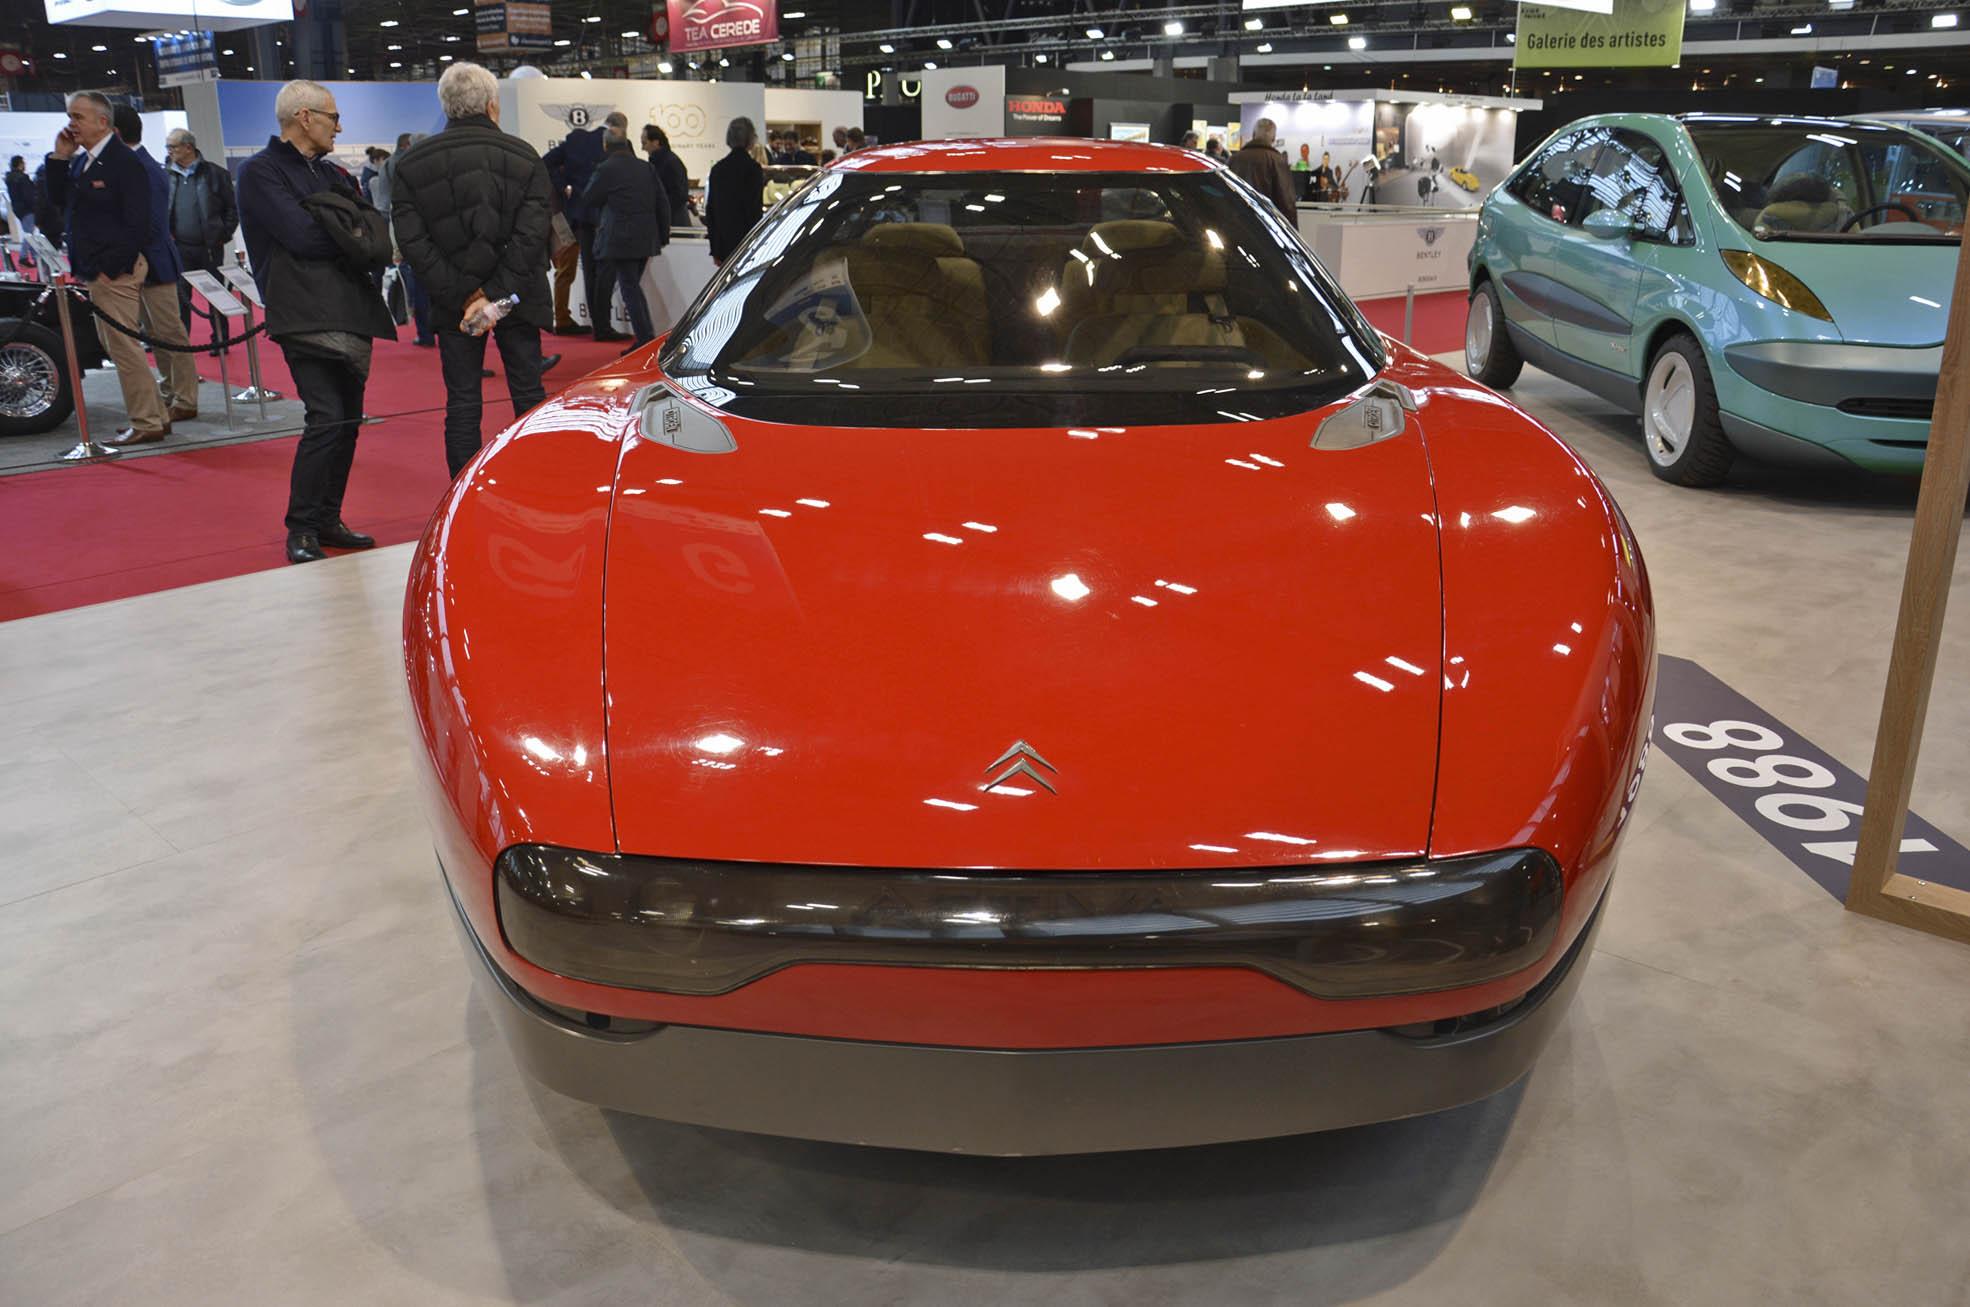 Citroën Activa 1 concept front